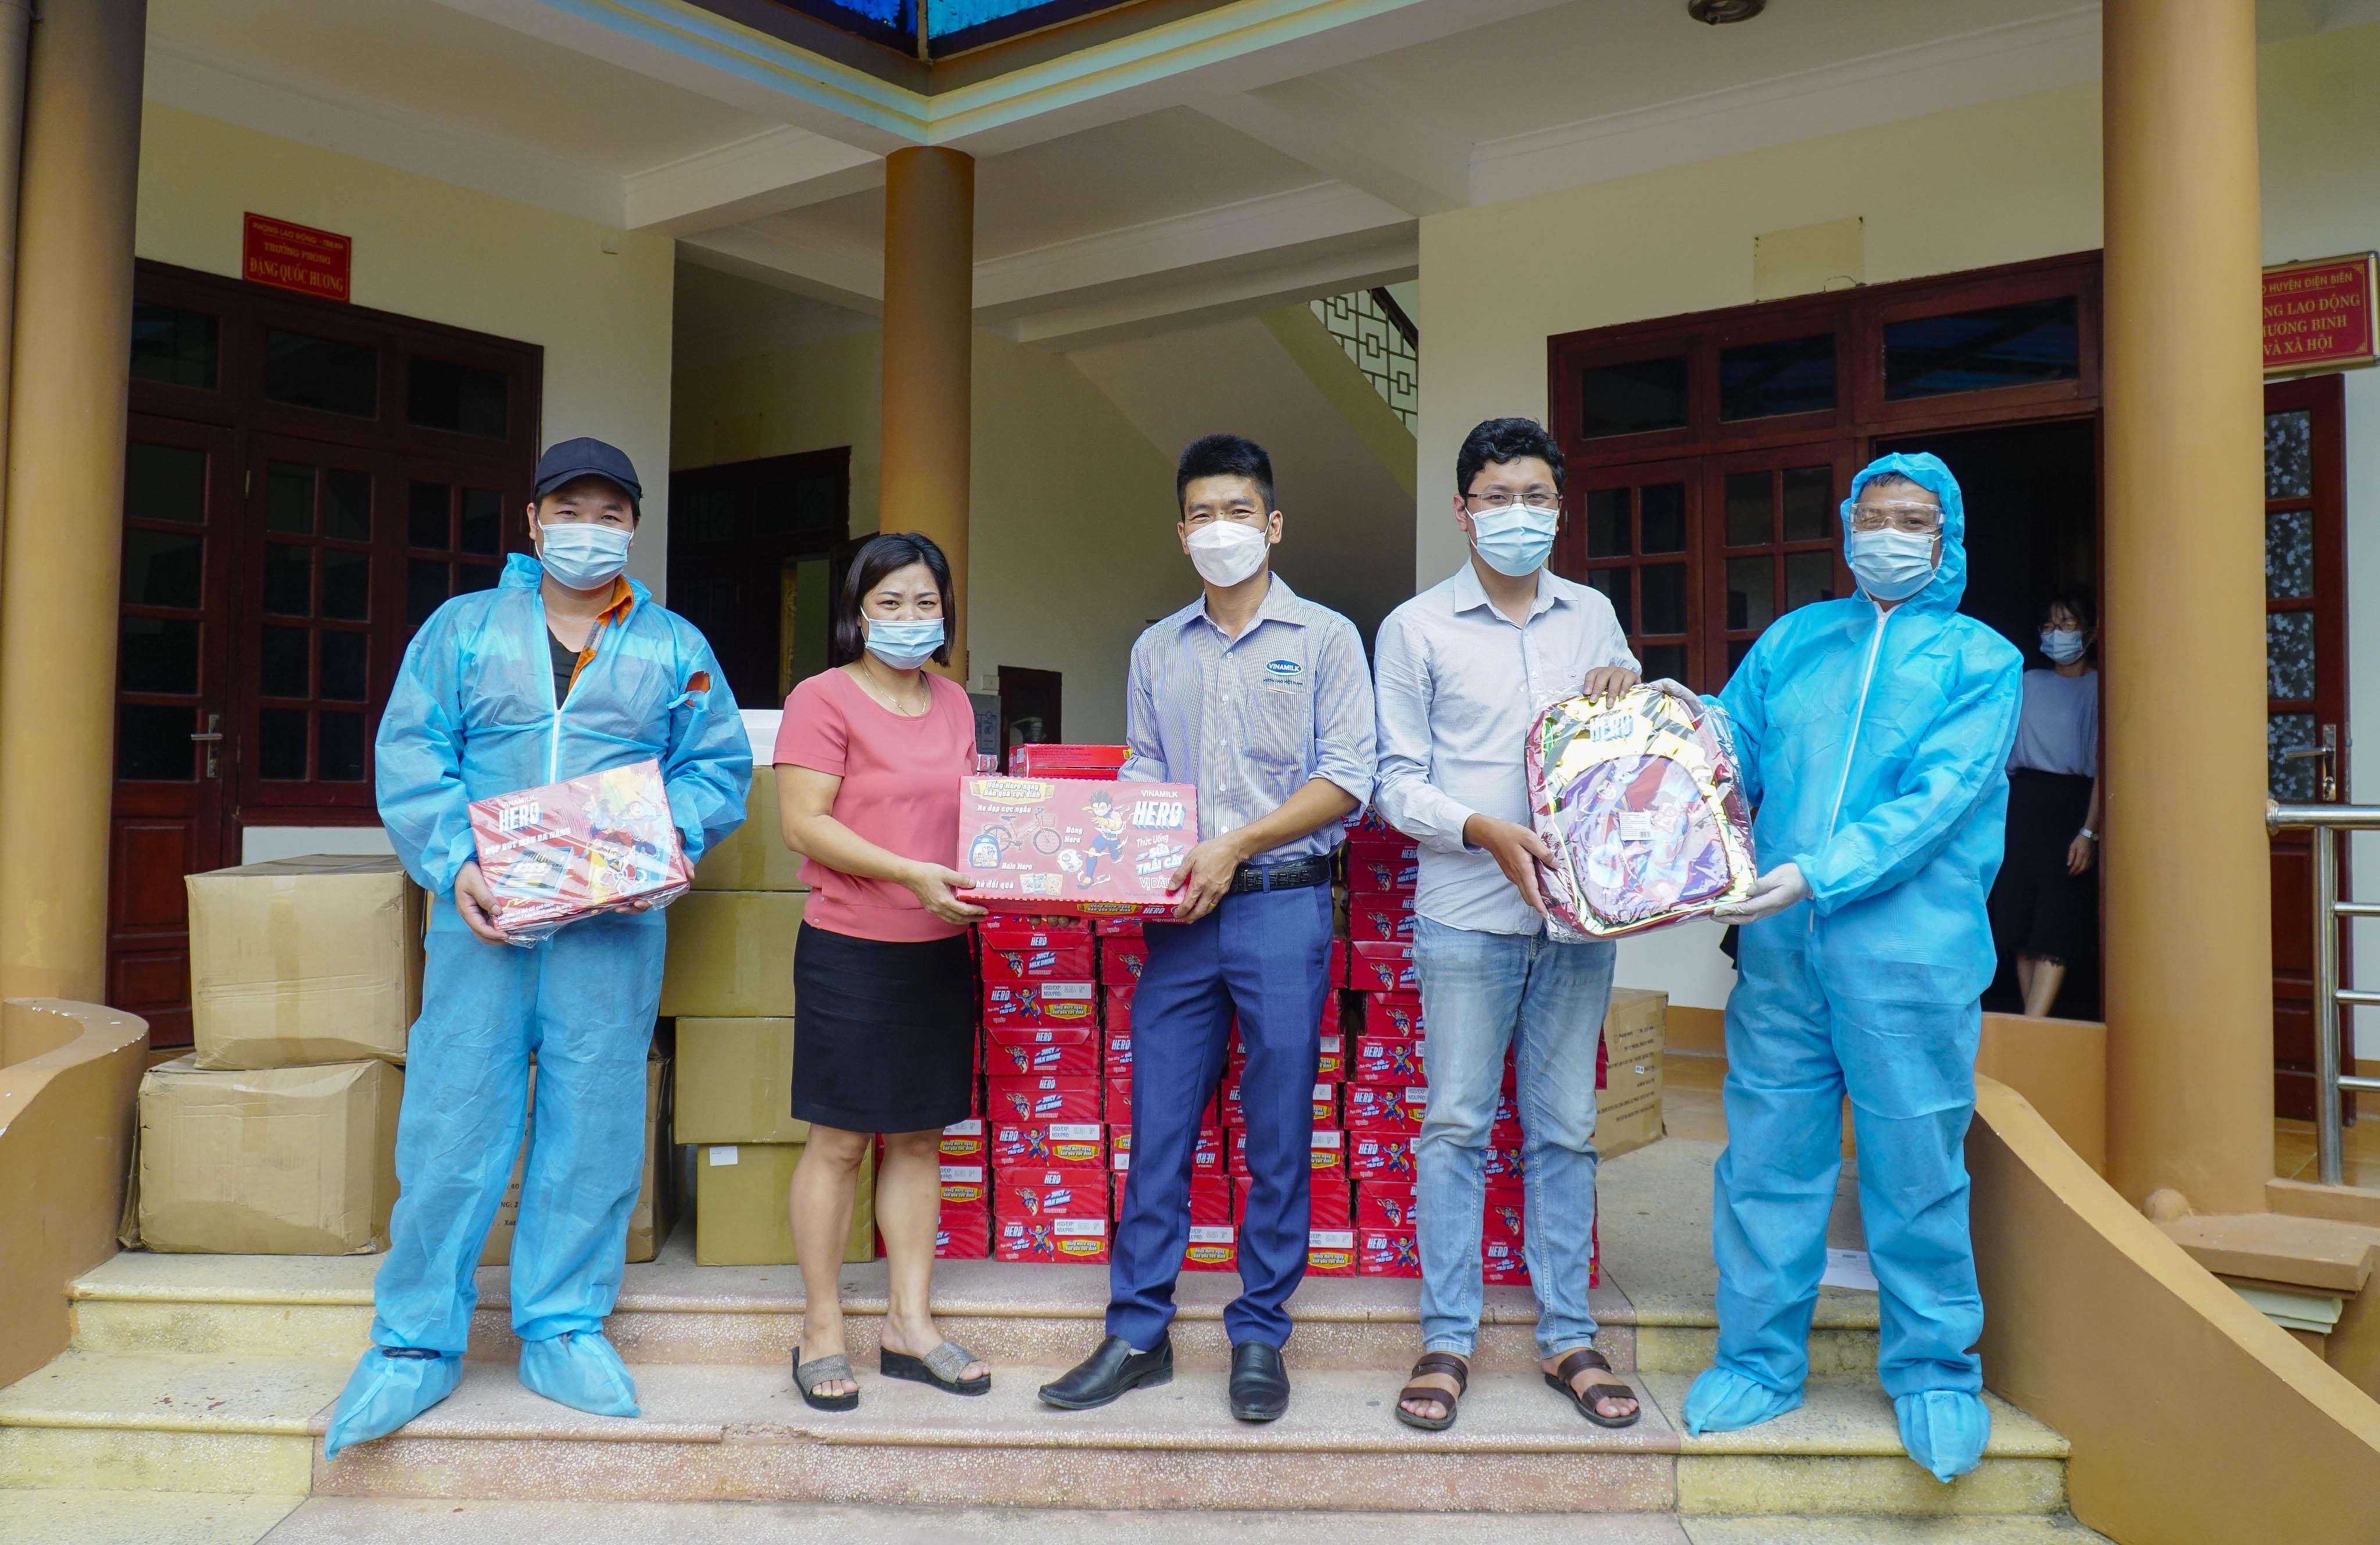 Quỹ sữa vươn cao Việt Nam và hành trình mang sữa đến với trẻ em Điện Biên giữa đại dịch 2